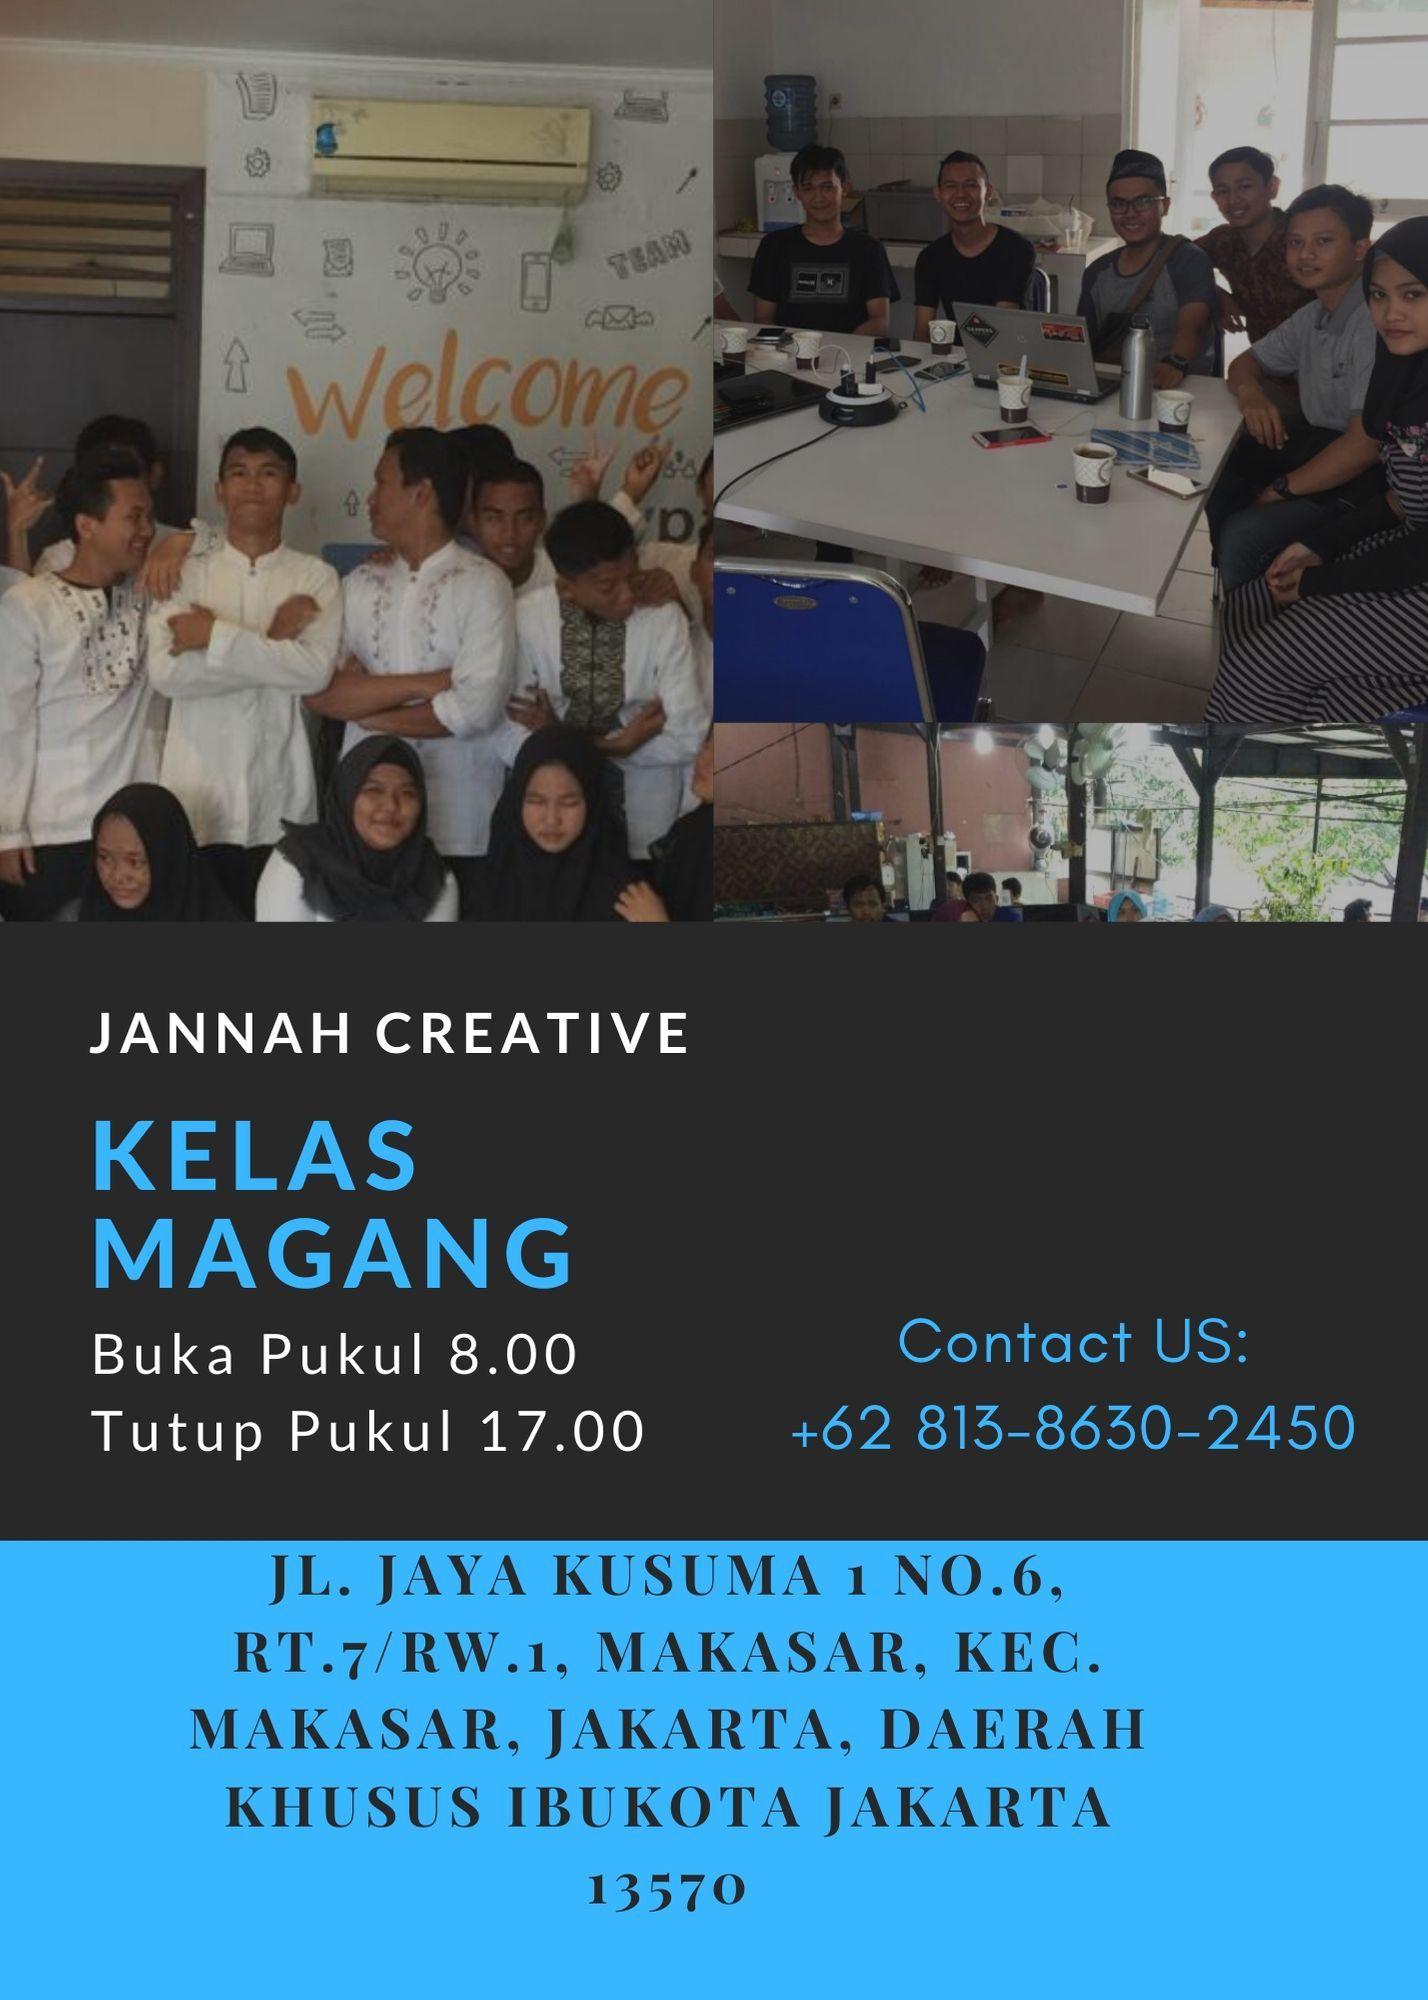 WA +62 813 8630 2450, Industri Untuk Mangang Anak SMK ...